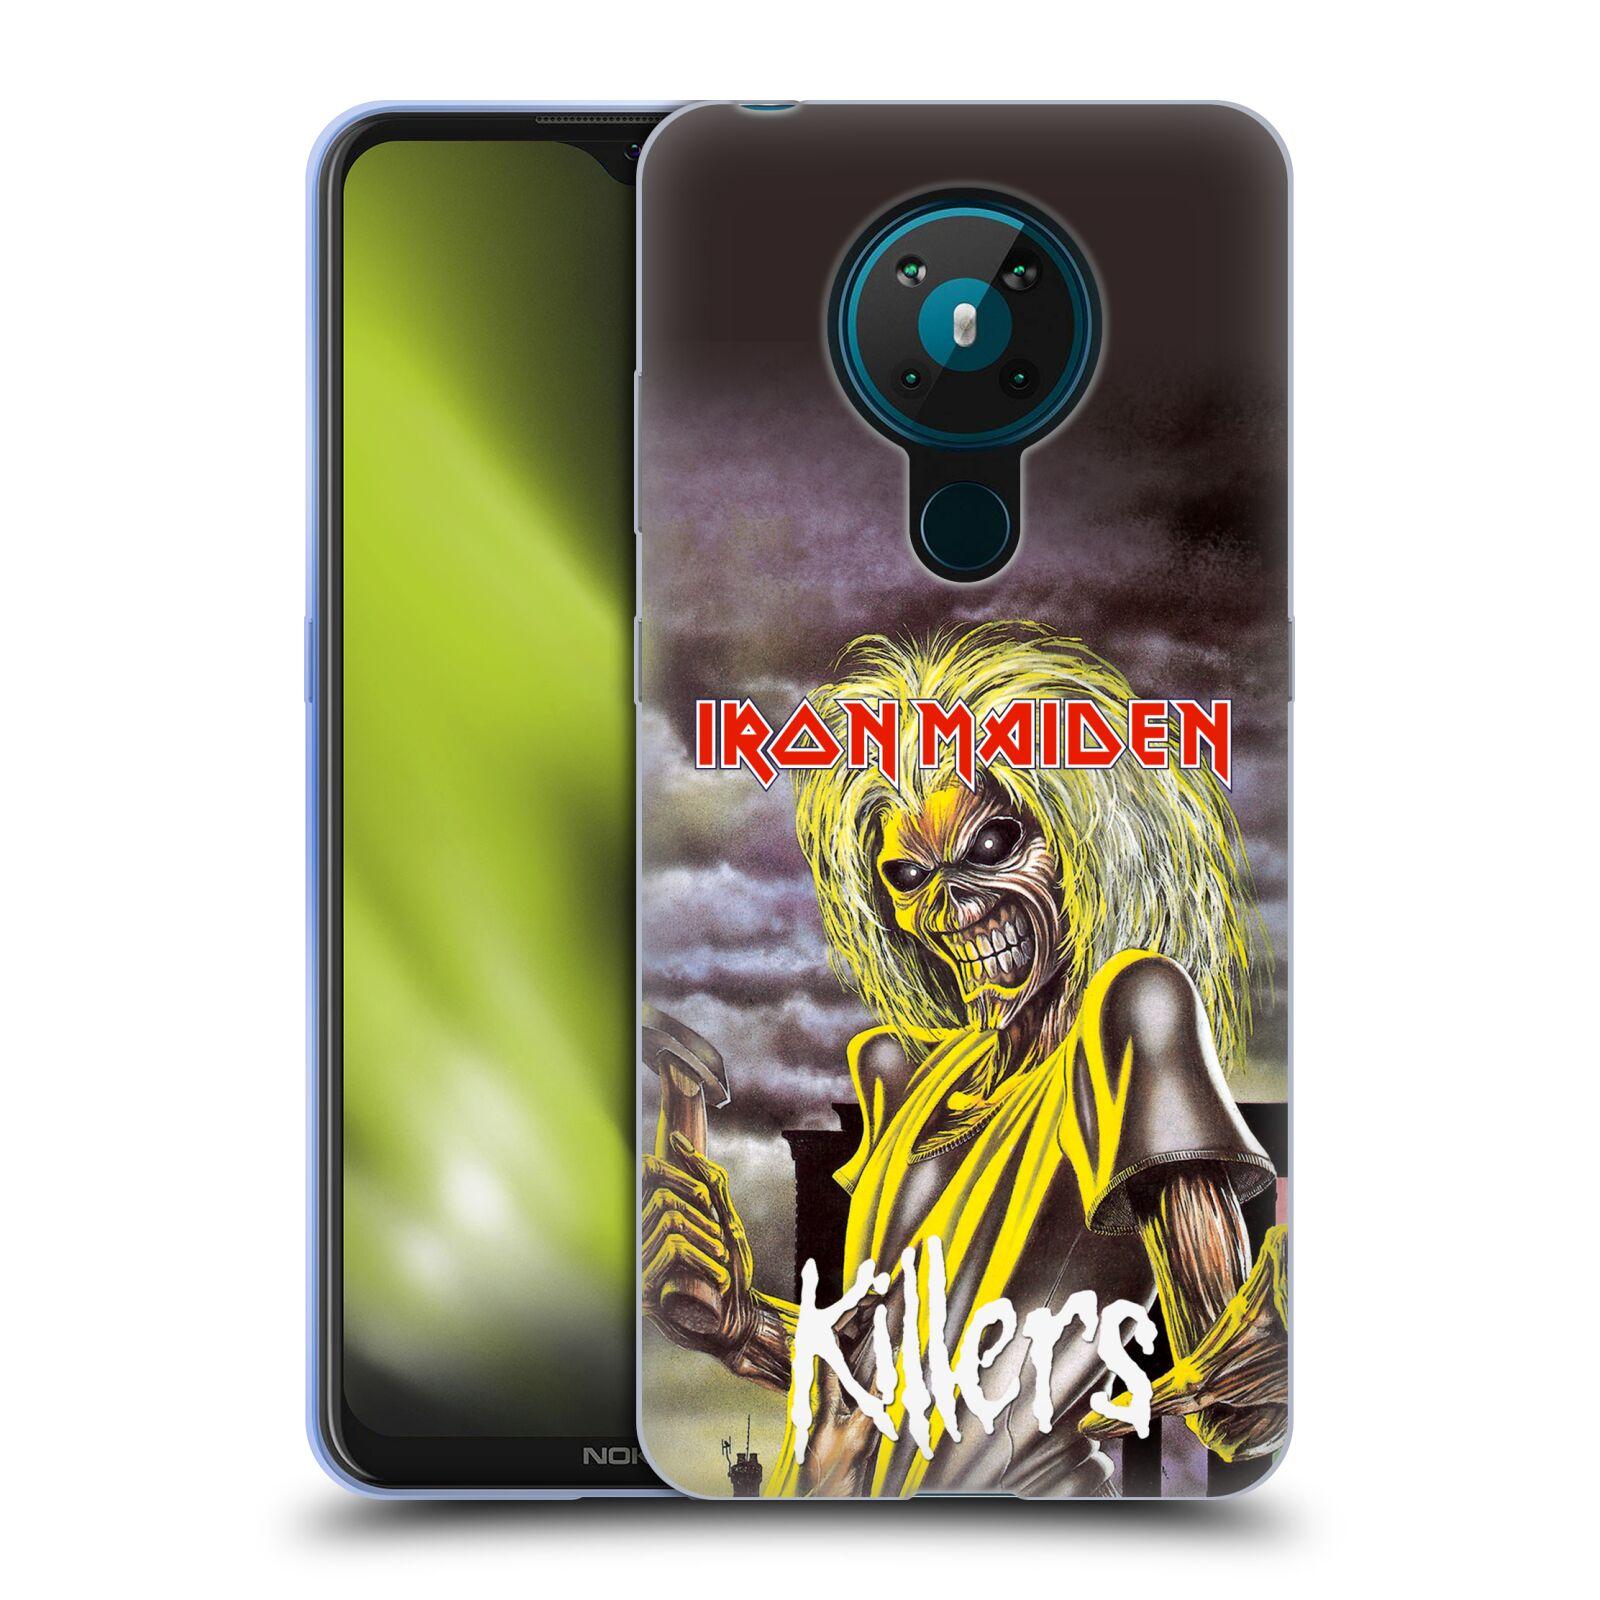 Silikonové pouzdro na mobil Nokia 5.3 - Head Case - Iron Maiden - Killers